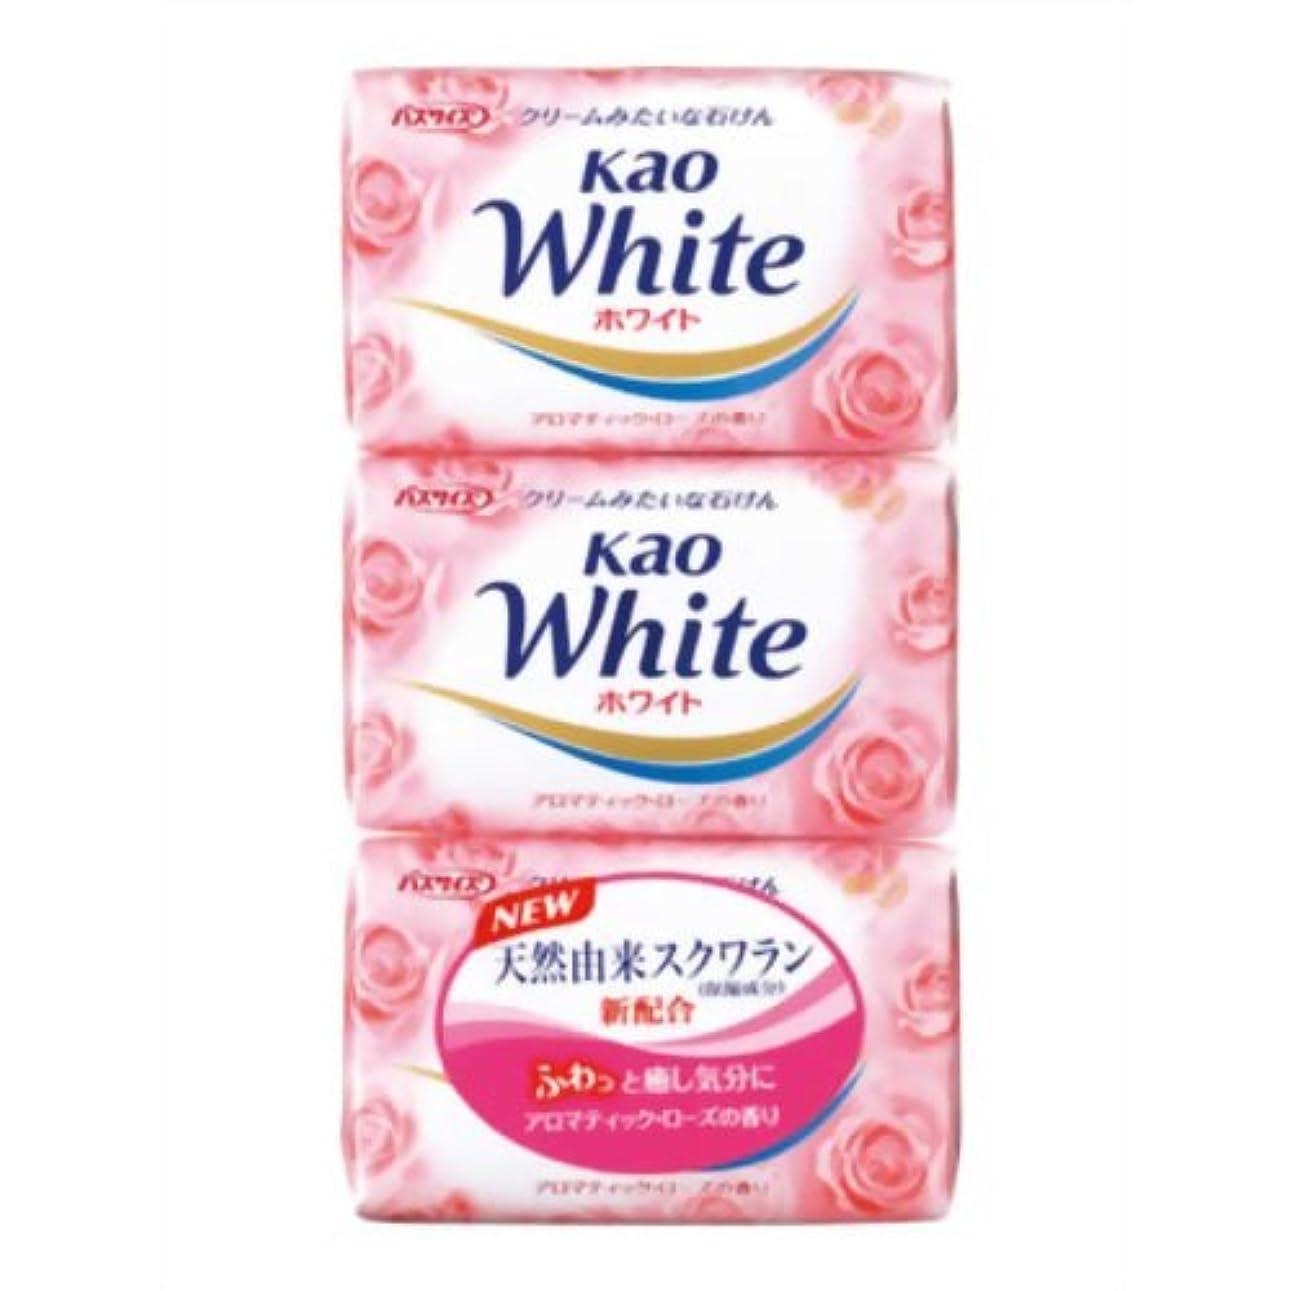 農業血まみれの喜ぶ花王ホワイト アロマティックローズの香り バスサイズ 130g*3個入